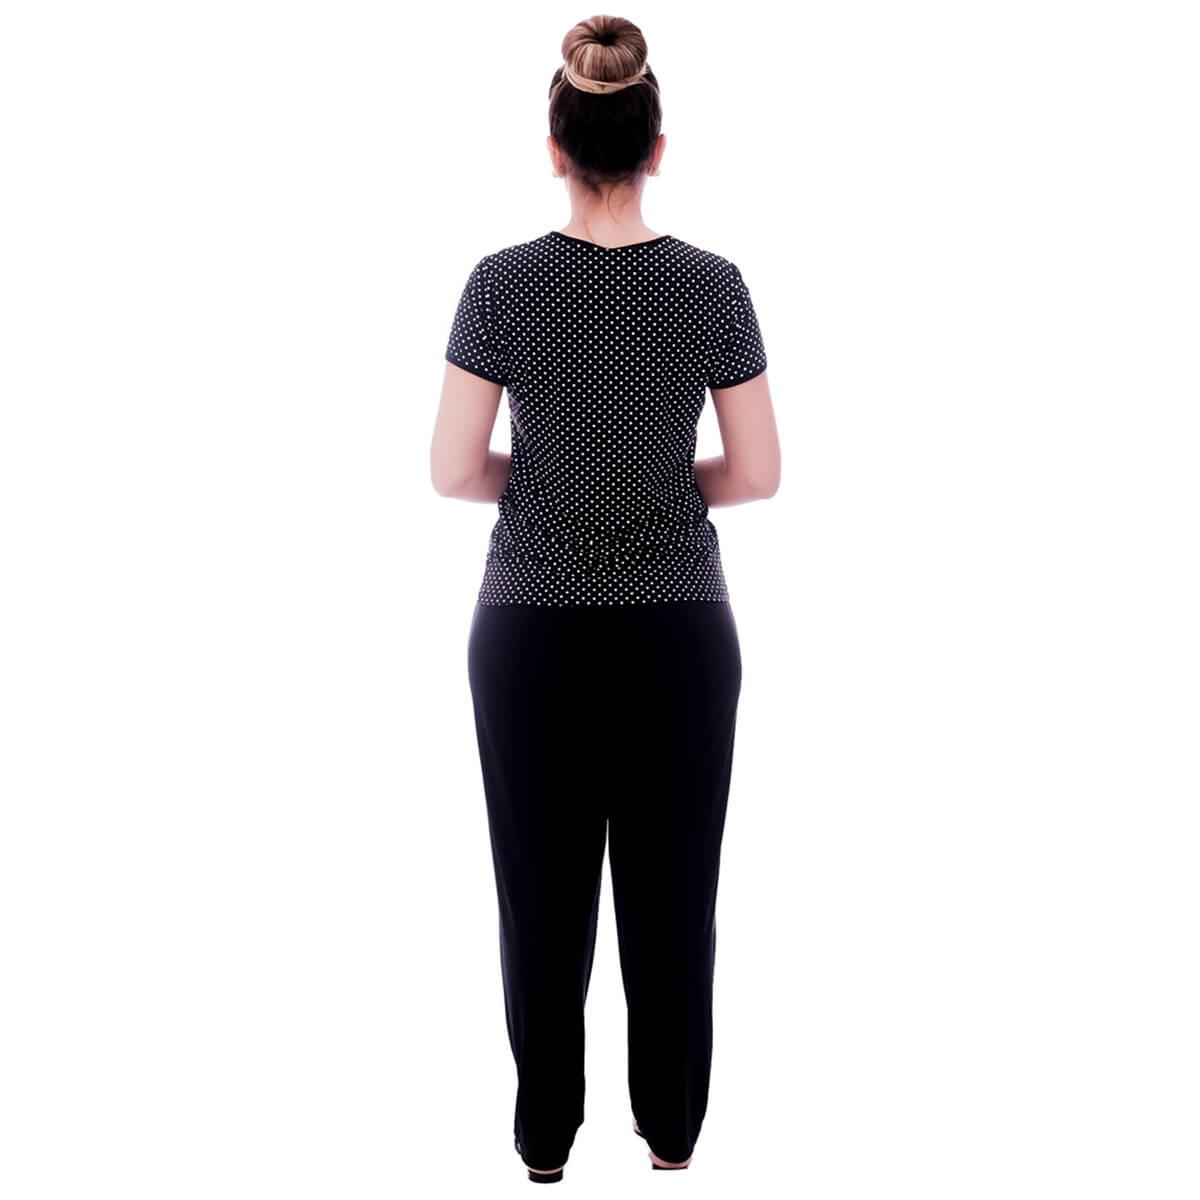 Pijama Feminino de Blusa Manga Curta Estampa Poá Preto de Bolinhas Brancas e Viés Preto e Calça Comprida Preta